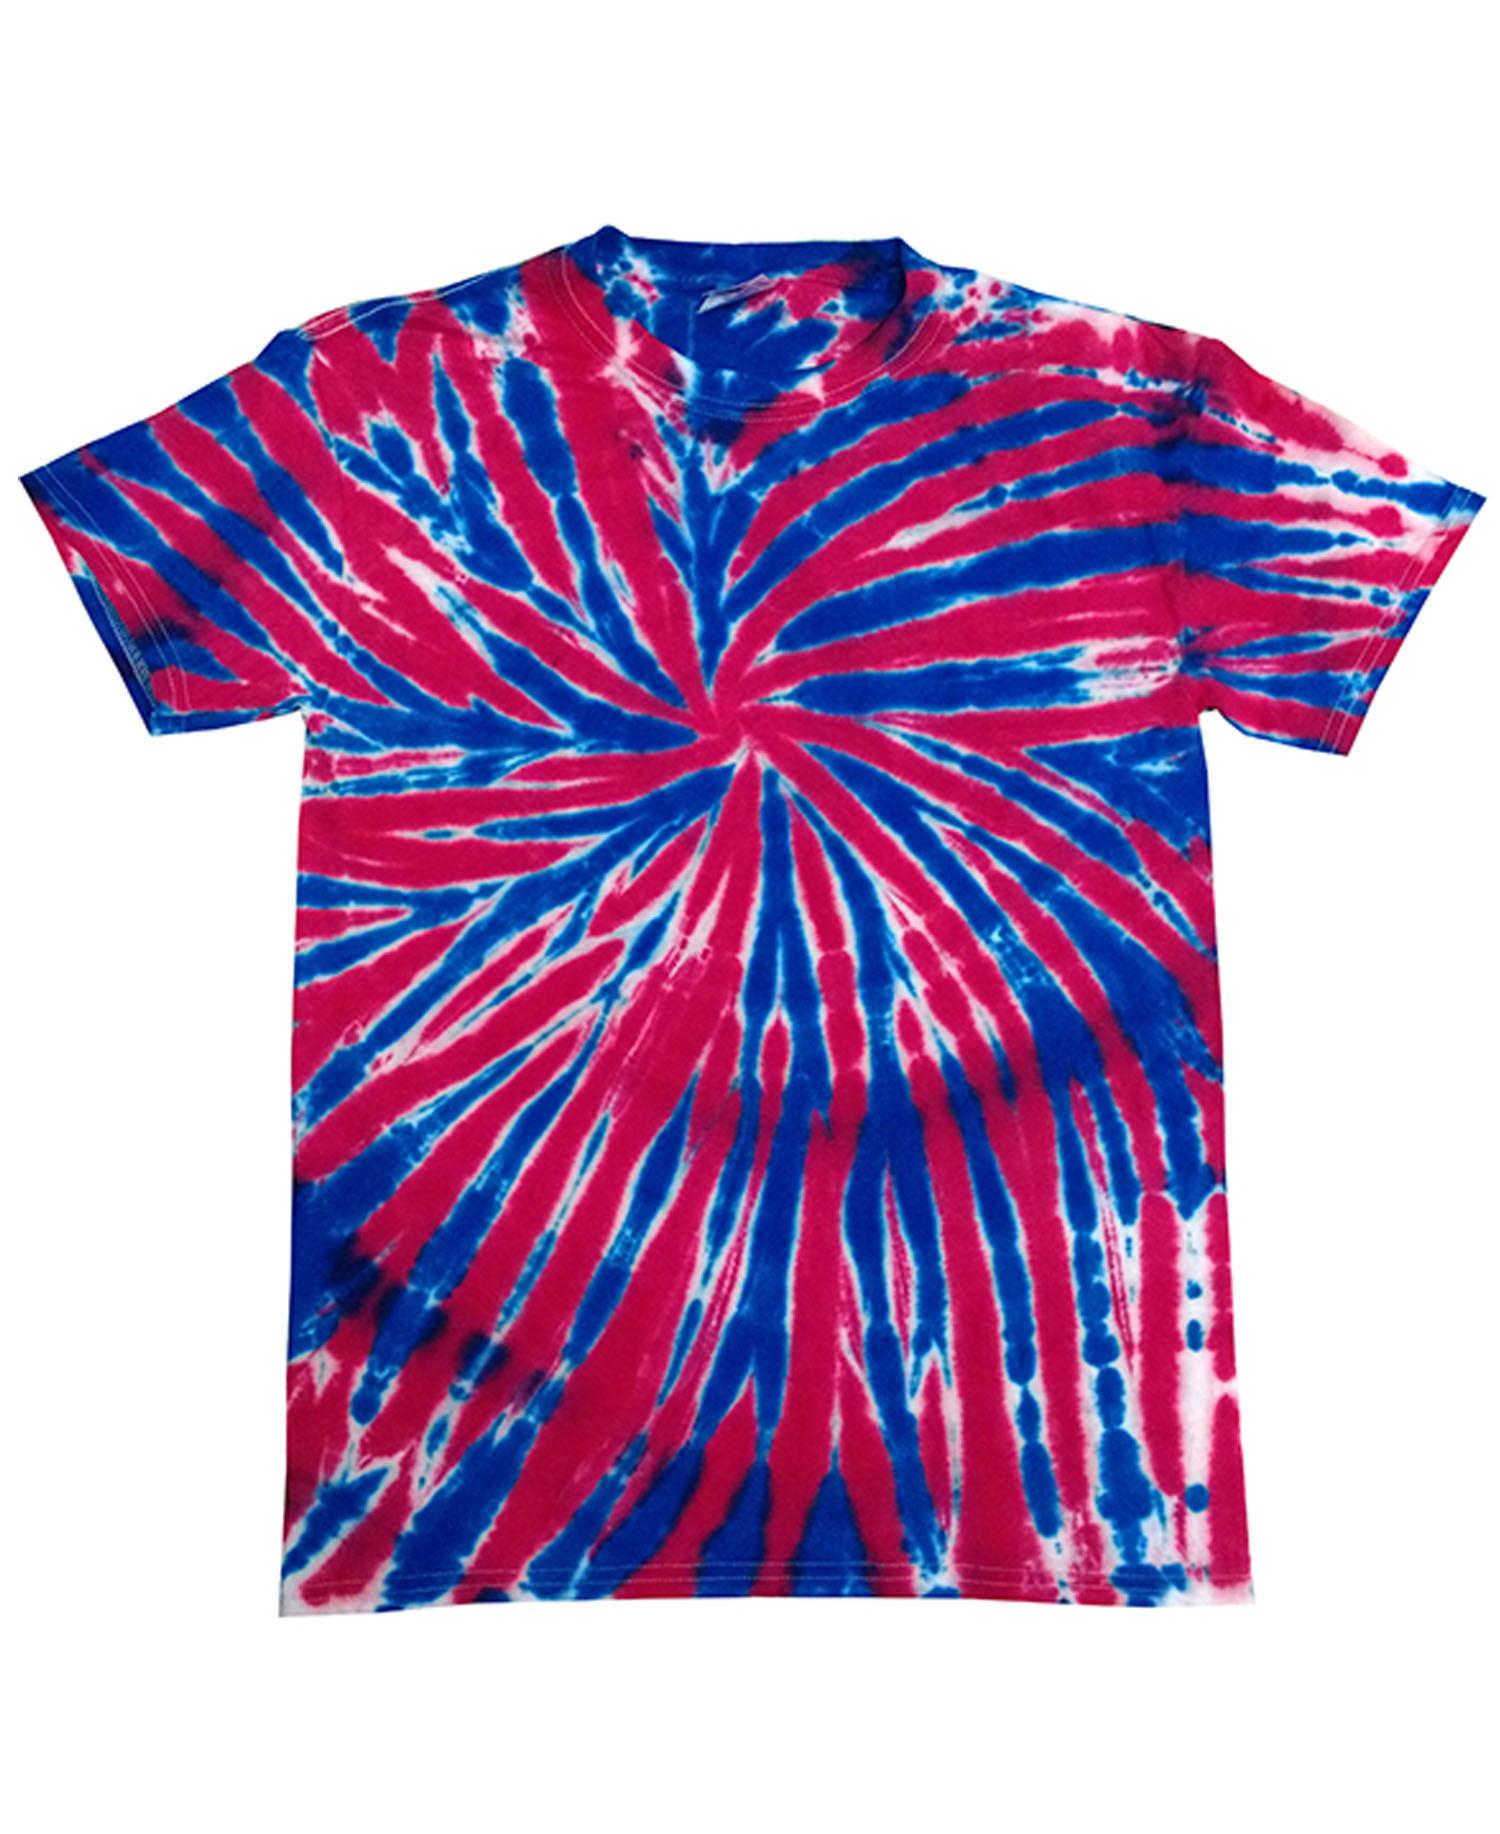 Colortone - T388R Union Jack Tie Dye